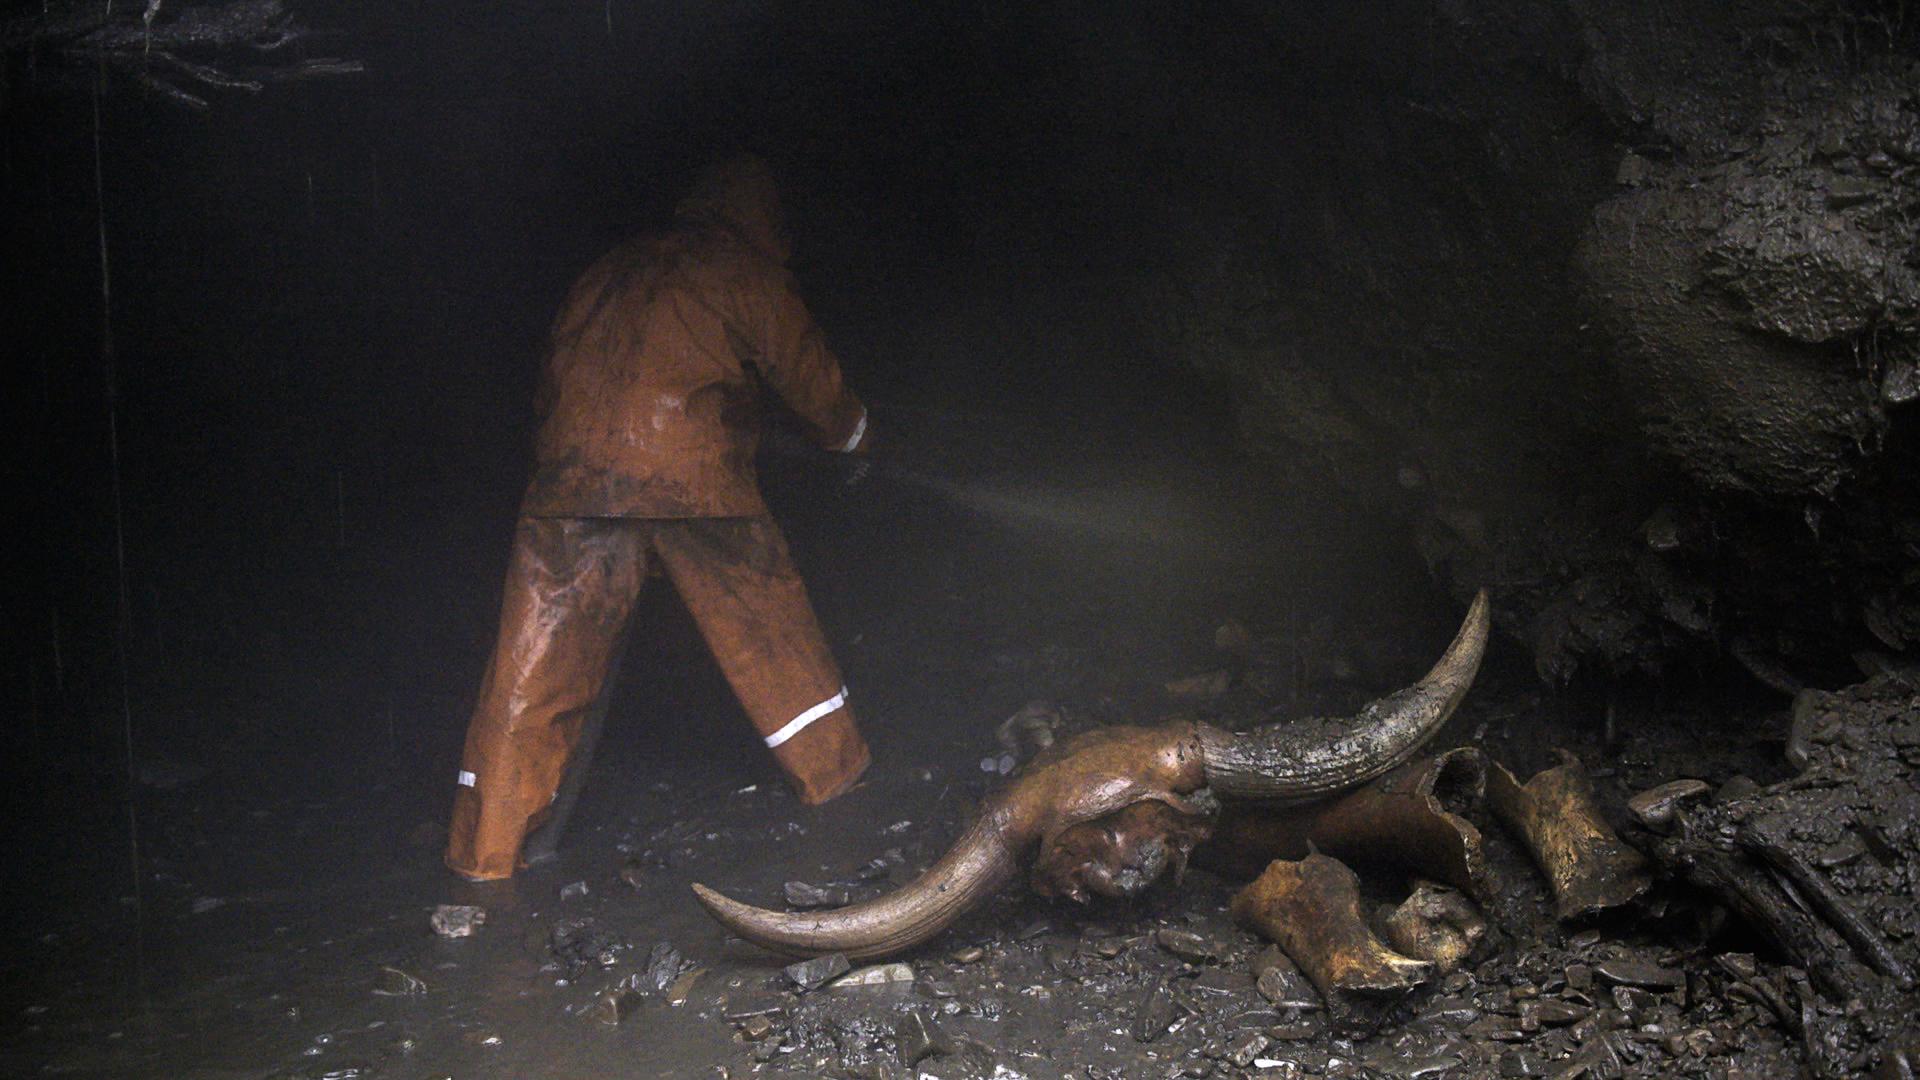 Pemburu menggali terowongan. Di sebelahnya ada kepala bison purba.